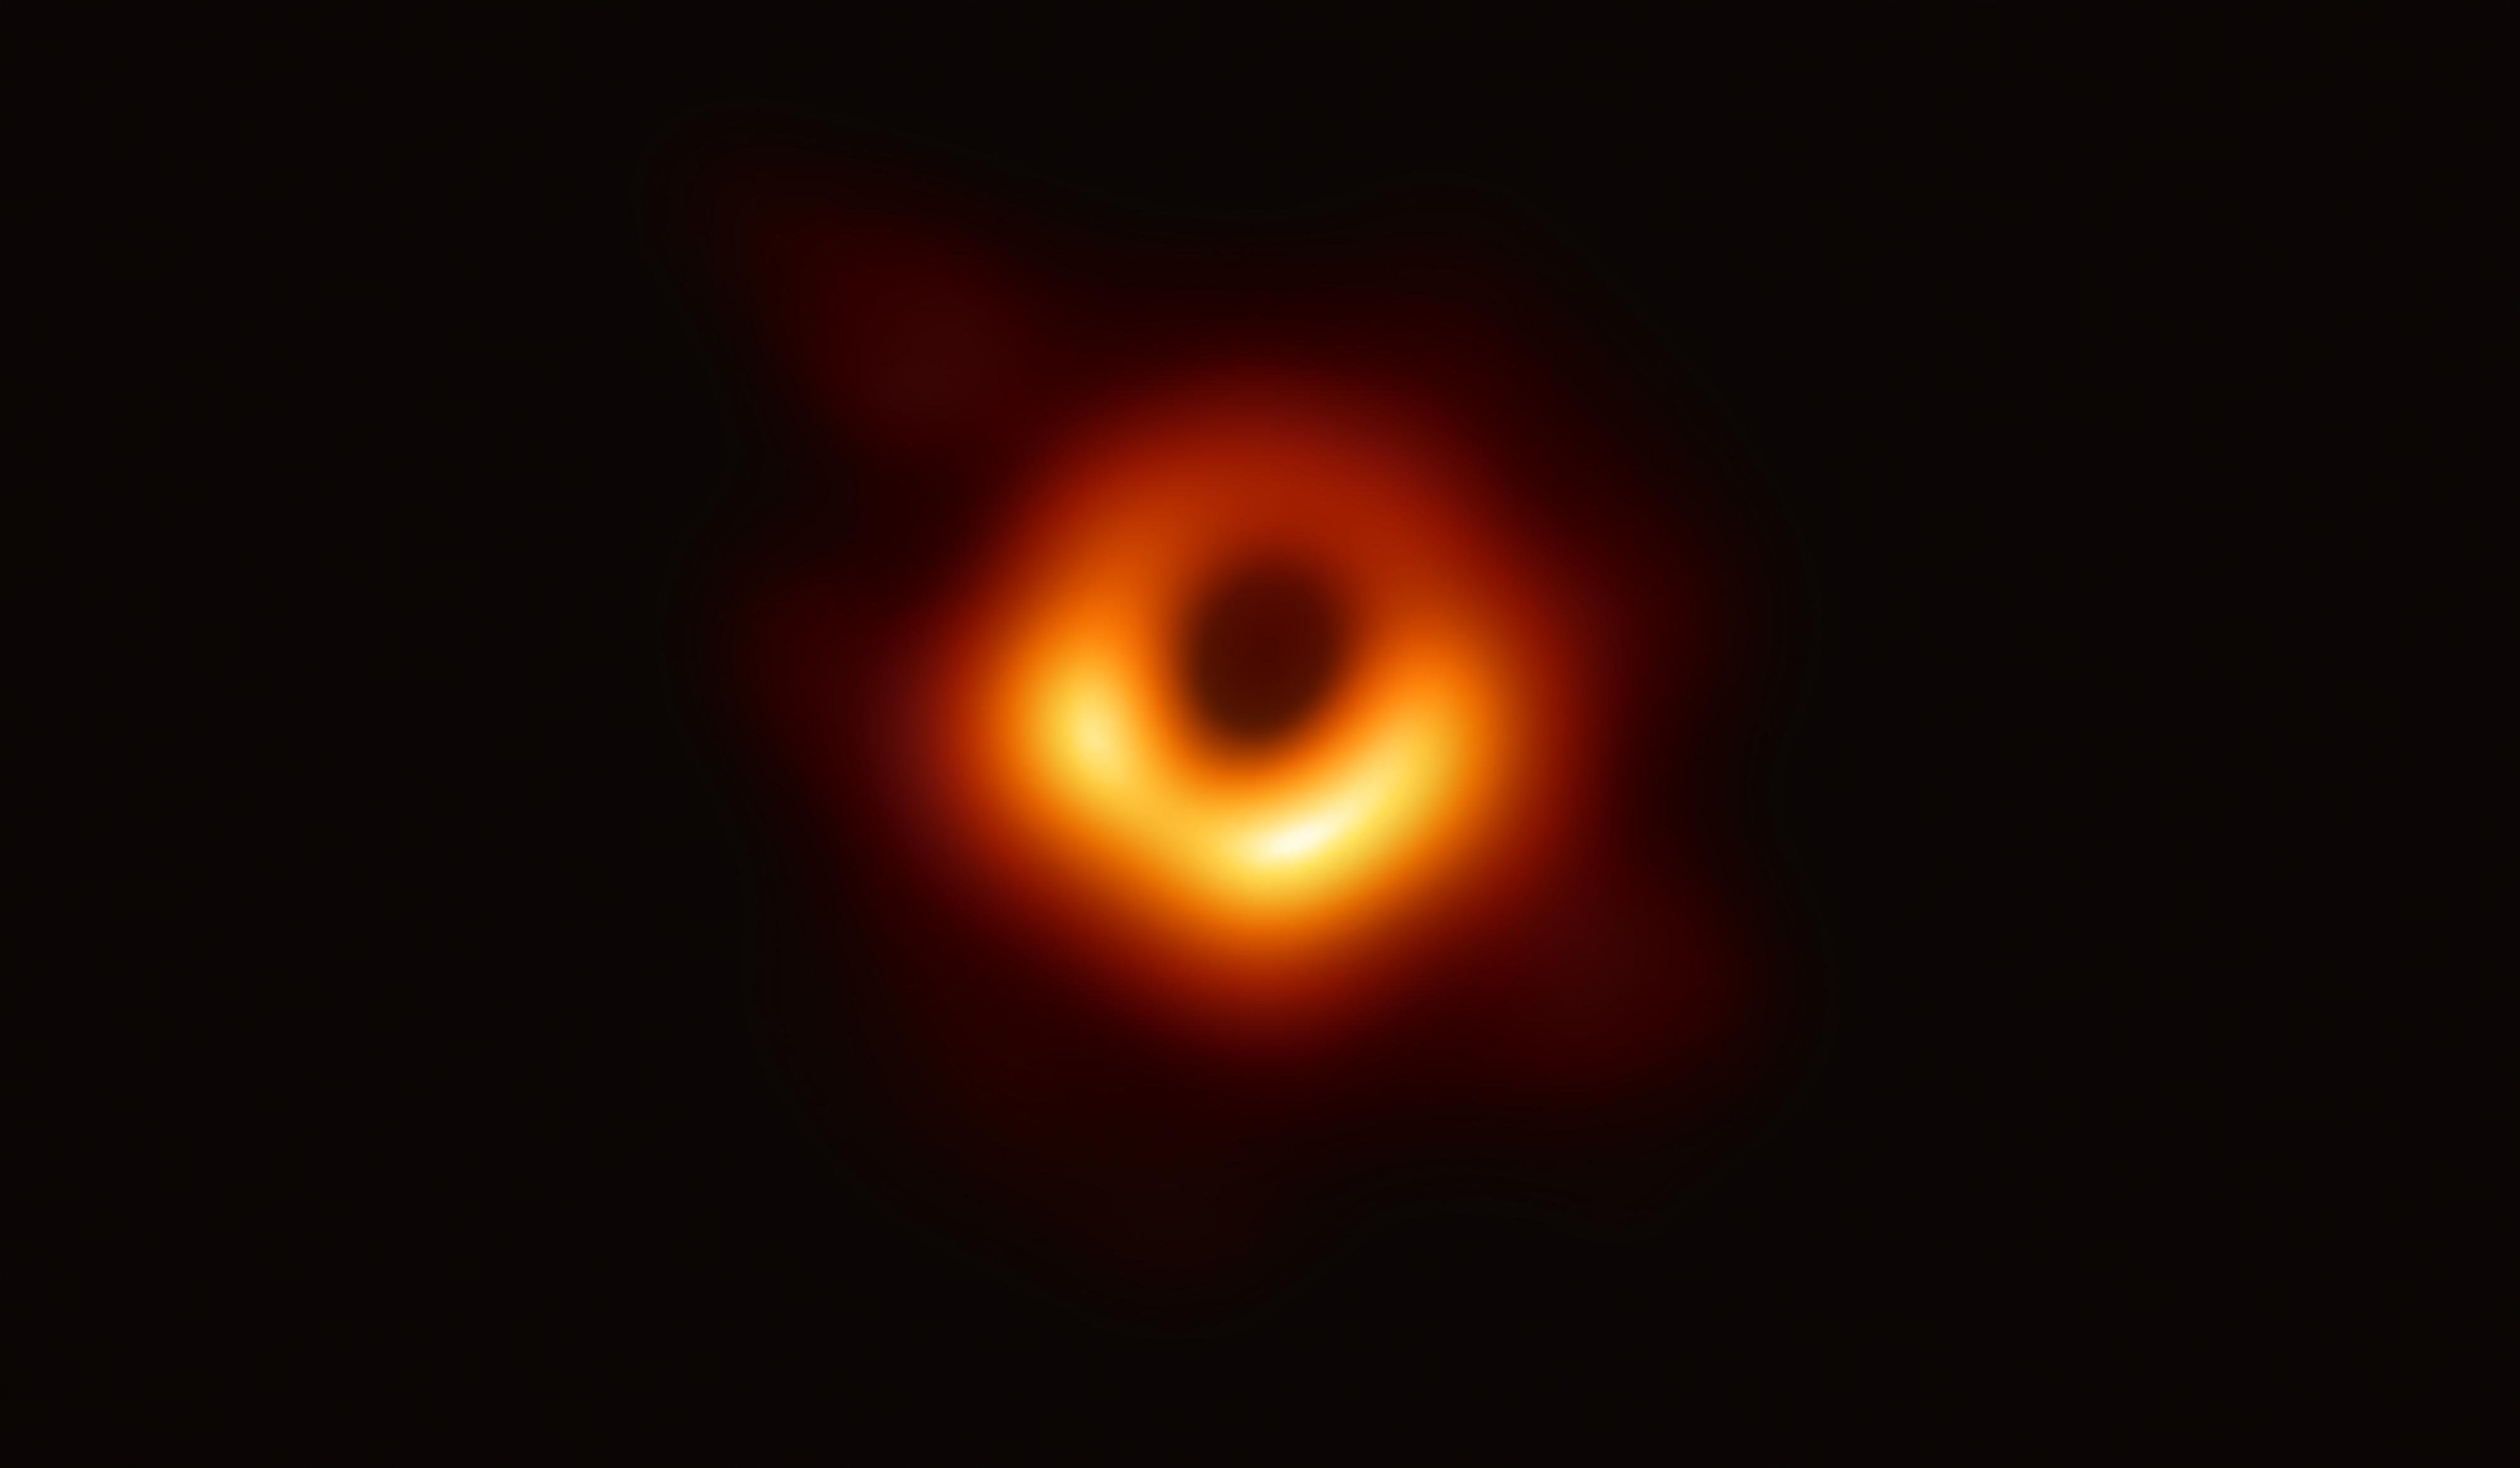 Ученые впервые в истории засняли черную дыру: уникальное фото